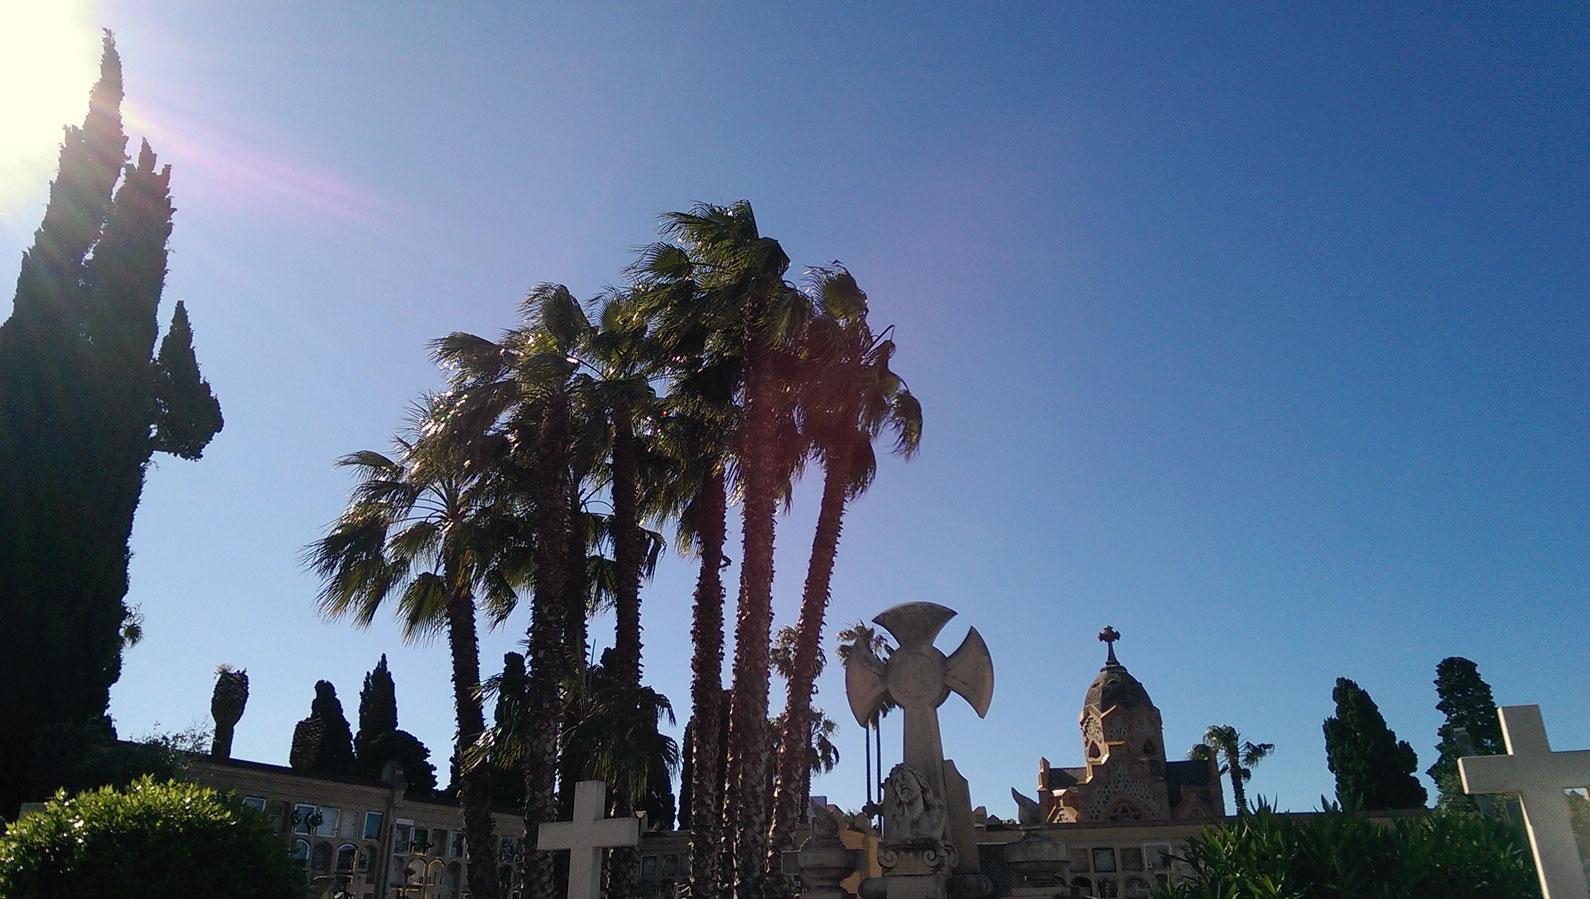 Cementiri de Les Corts, Barcelona, 2016